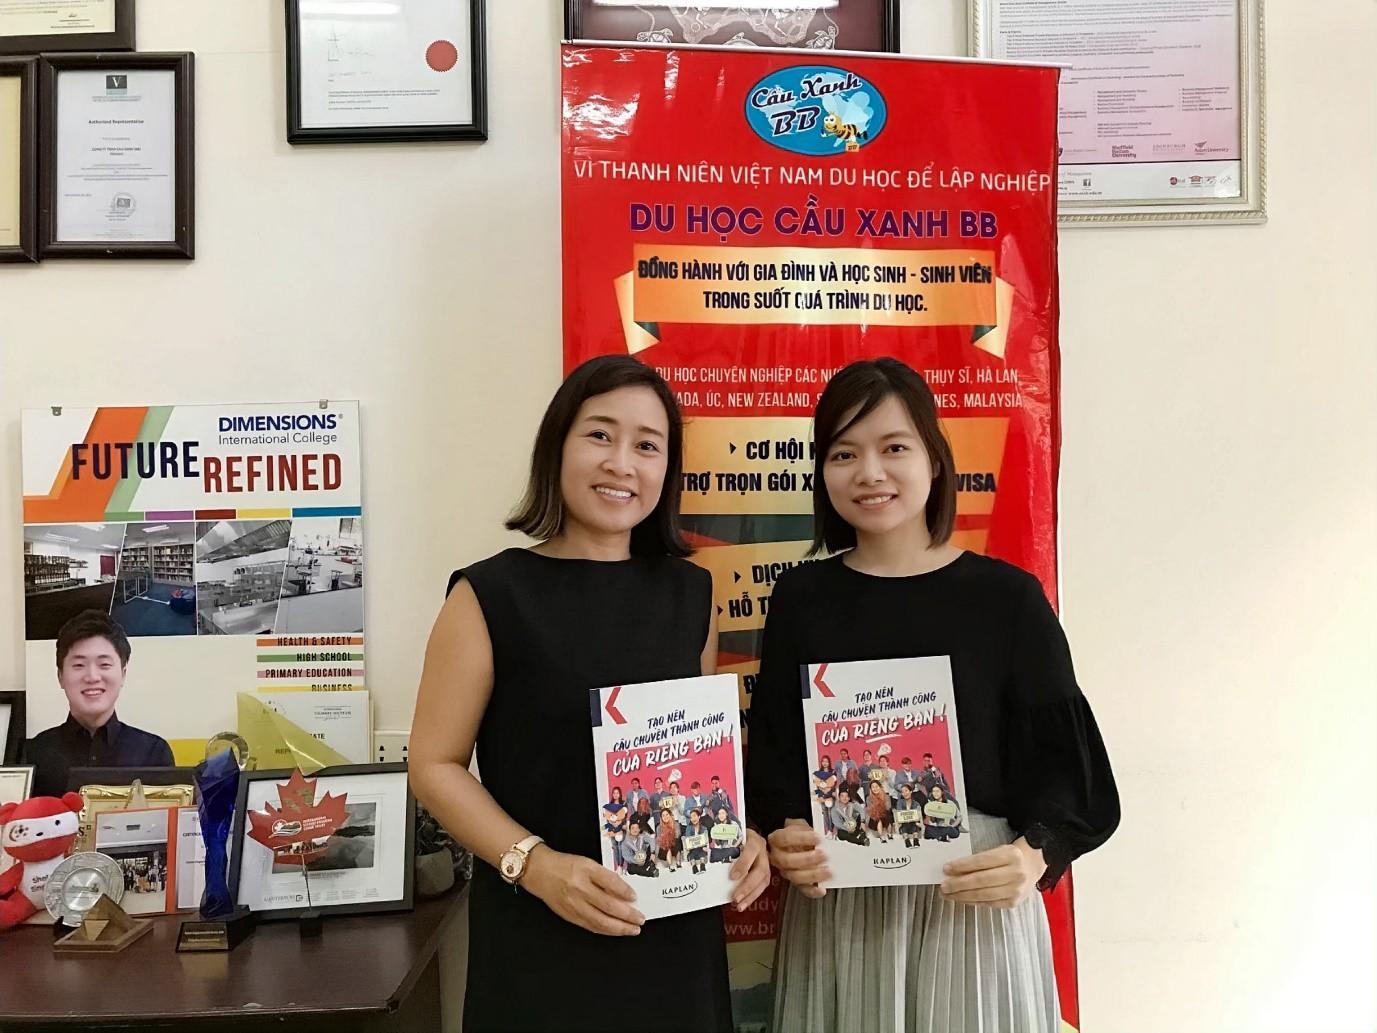 Du học Singapore dễ dàng tại trường Kaplan danh giá - Ảnh 2.